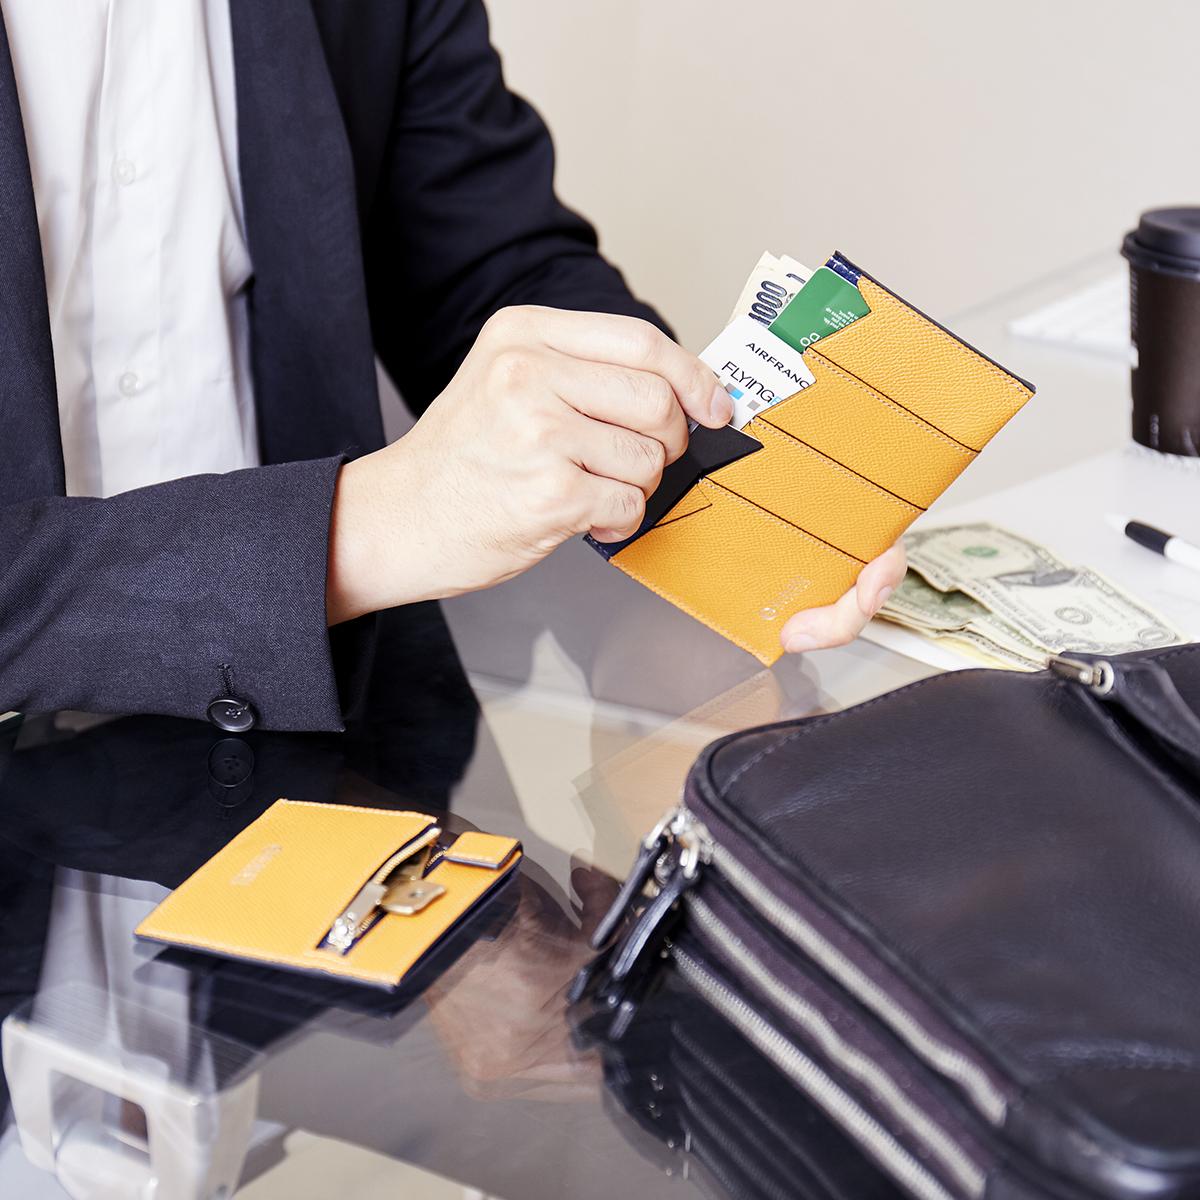 薄さと収納性を両立した、支払いも収納もスマートな革財布(札入れ)|ALBERTE